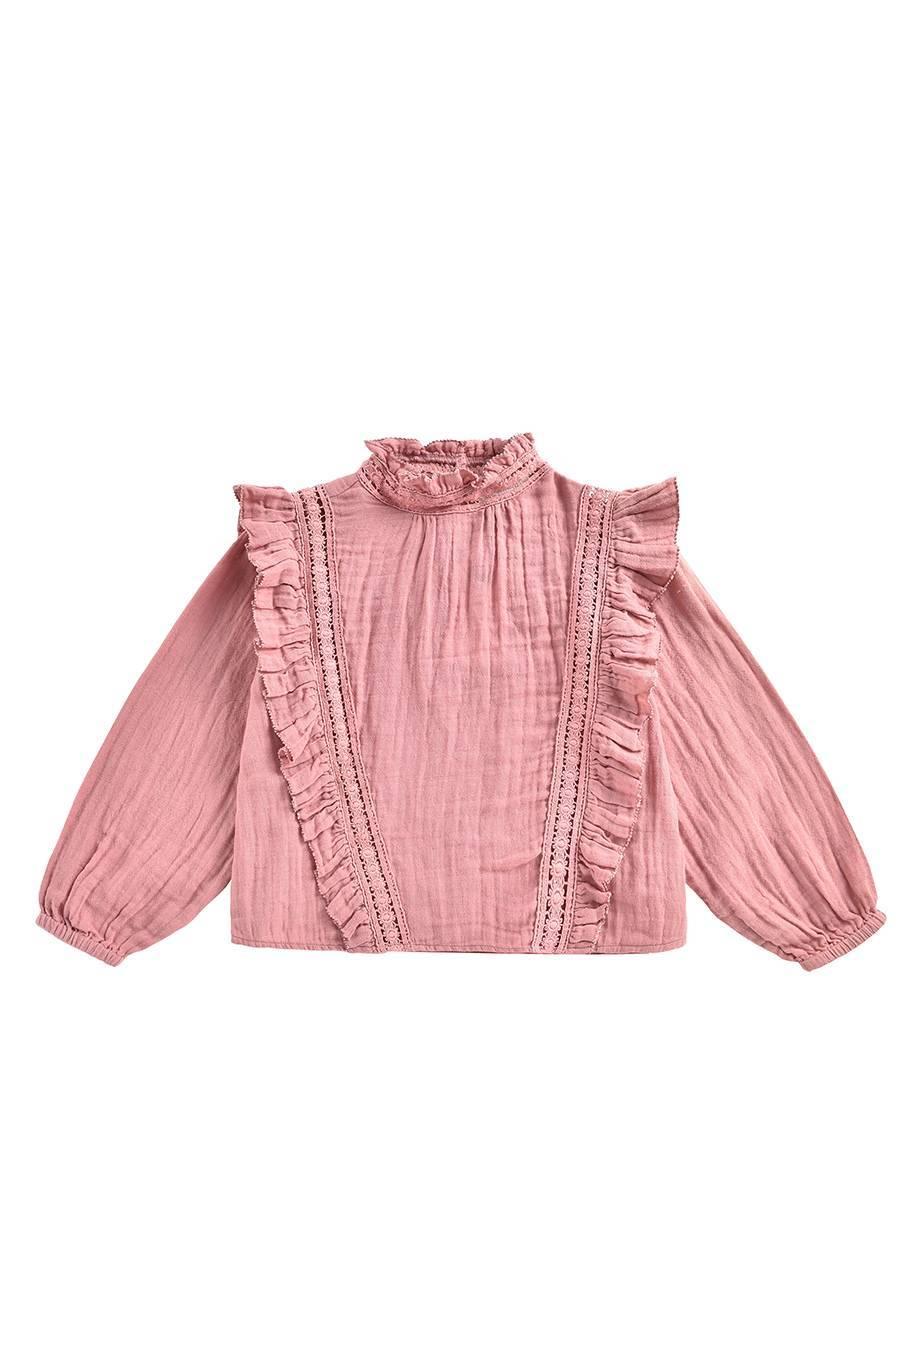 boheme chic vintage blouse bébé fille alsa redwood